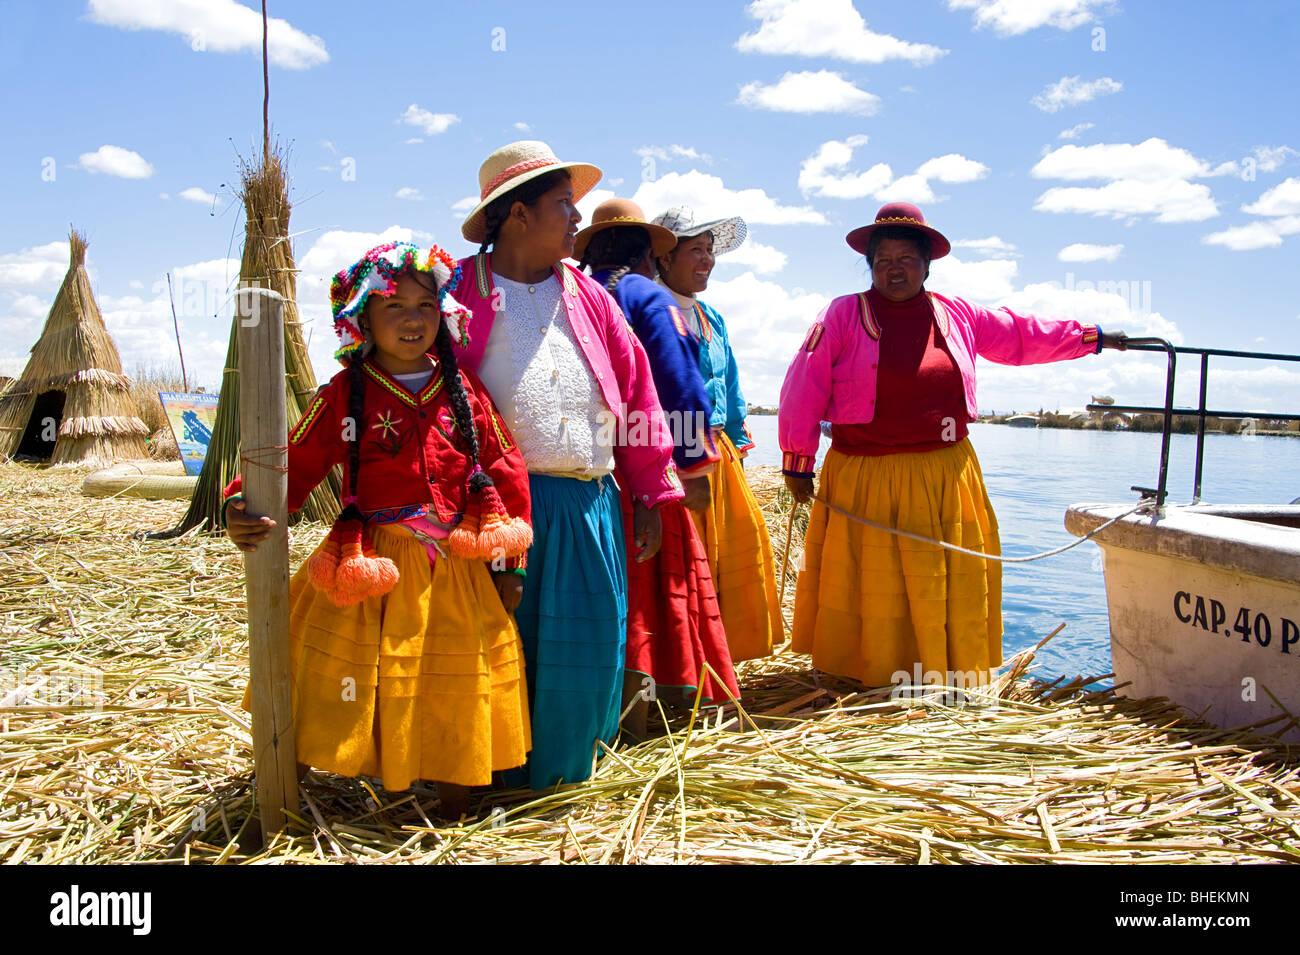 Menschen aus der Uros Insel Samary, Titicacasee, Peru Stockbild